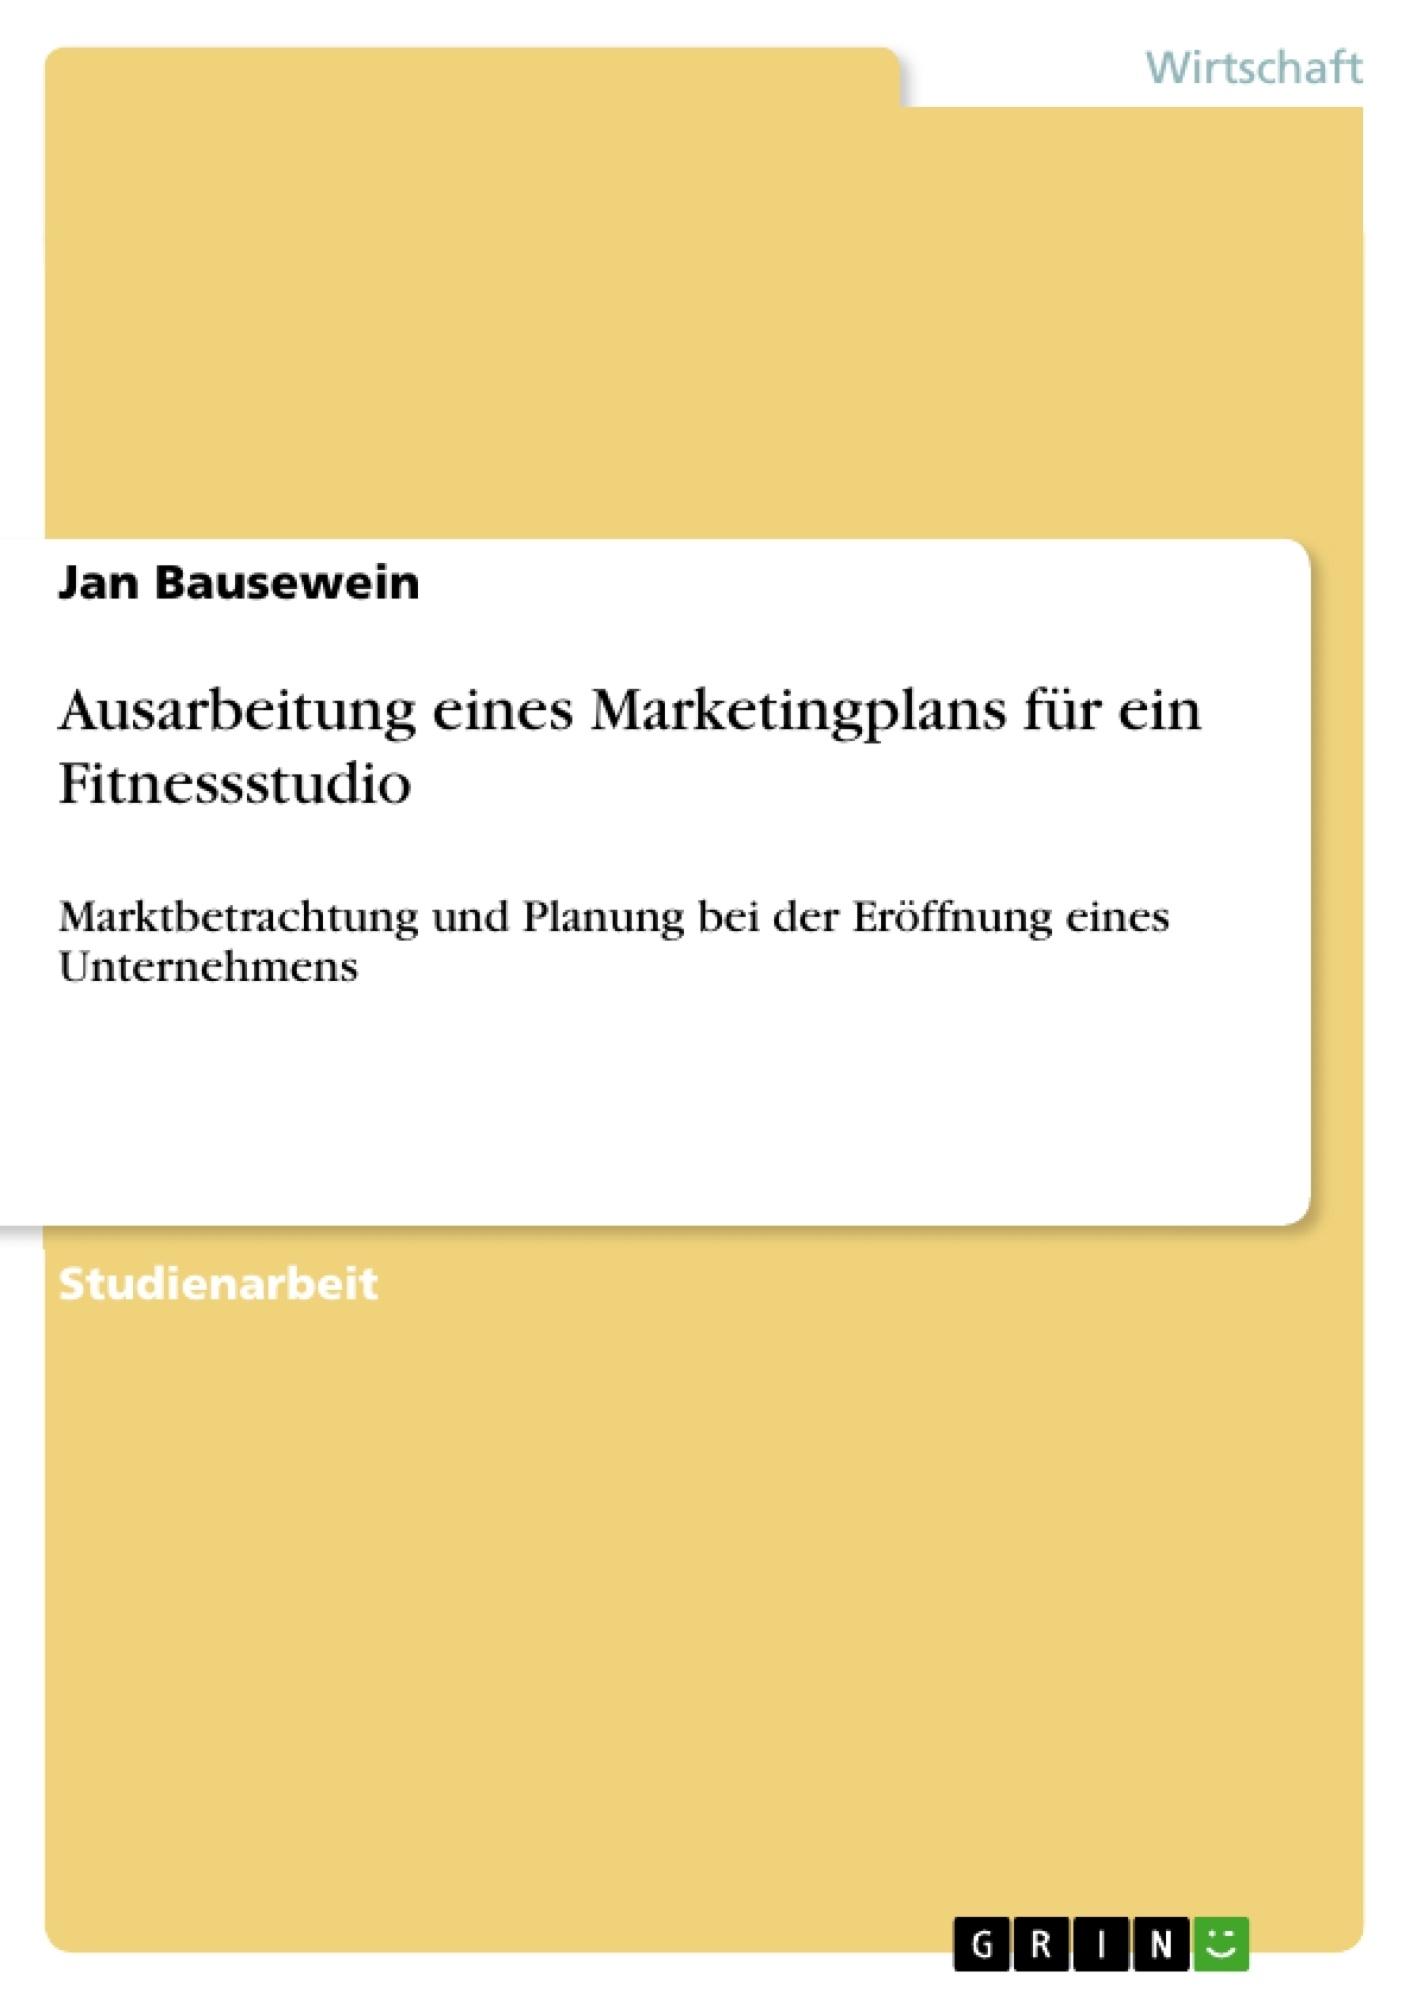 Titel: Ausarbeitung eines Marketingplans für ein Fitnessstudio